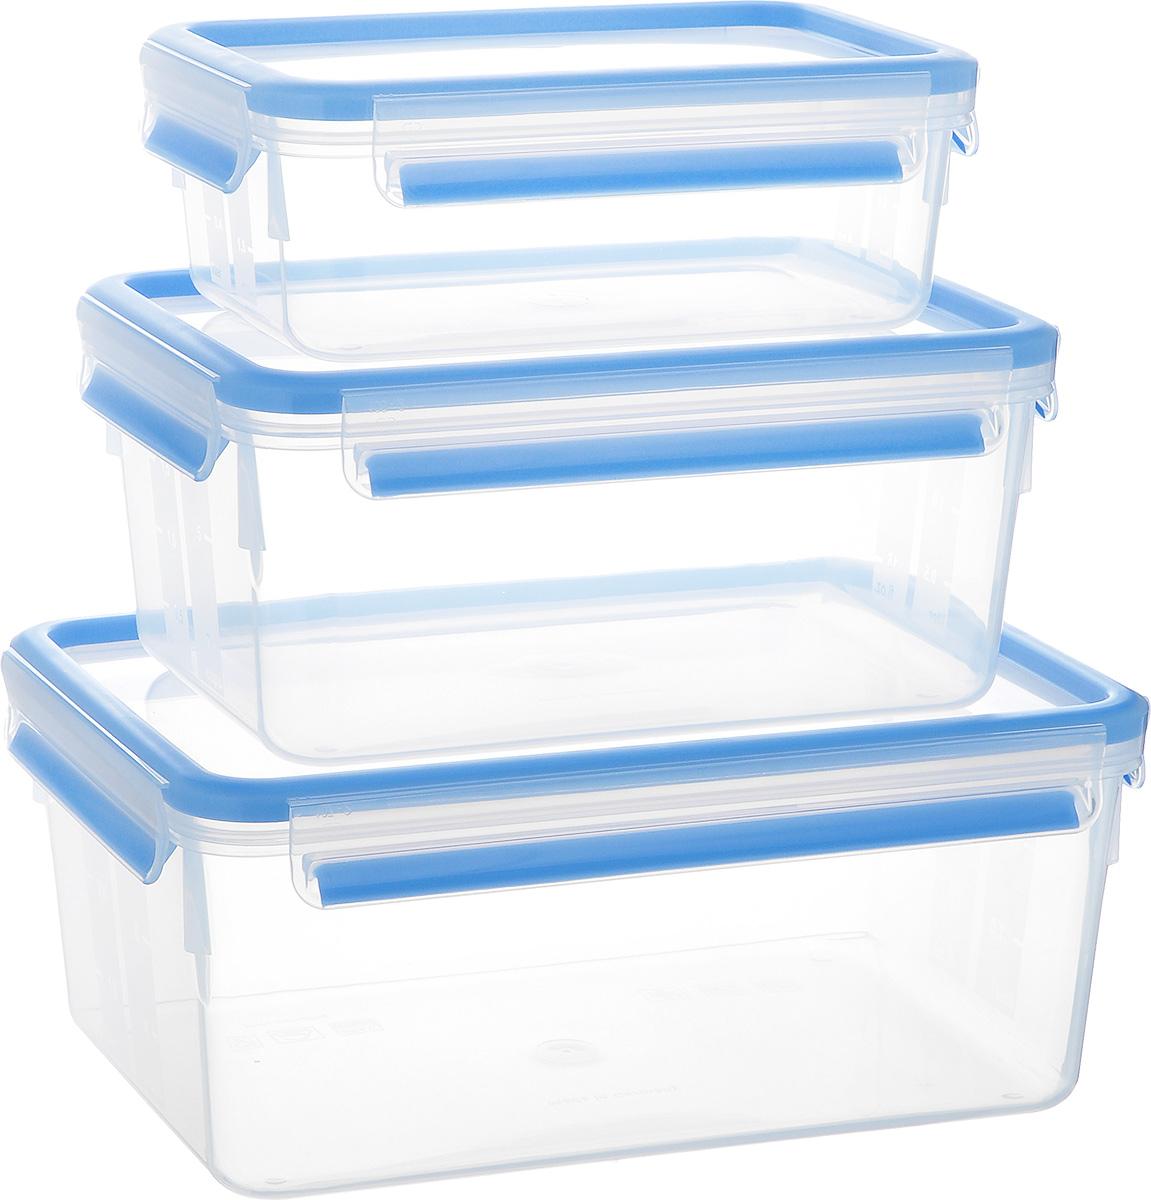 Набор контейнеров Emsa Clip&Close, 3 шт. 508567508567Набор Emsa Clip&Close состоит из трех контейнеров разного объема, изготовленных из высококачественного пищевого пластика, который выдерживает температуру от -40°С до +110°С, не впитывает запахи и не изменяет цвет. Это абсолютно гигиеничный продукт, который подходит для хранения даже детского питания. Изделия снабжены крышками, плотно закрывающимися на 4 защелки. Герметичность достигается за счет специальных силиконовых прослоек, которые позволяют использовать контейнер для хранения не только пищи, но и напитков. В таком контейнере продукты долгое время сохраняют свою свежесть. Прозрачные стенки позволяют просматривать содержимое. Сбоку имеются отметки литража. Изделия подходят для домашнего использования, для пикников, поездок, такие контейнеры удобно брать с собой на работу или учебу. Можно использовать в СВЧ-печах, холодильниках, посудомоечных машинах, морозильных камерах. Объем контейнеров: 1 л, 2,3 л, 3,7 л. Размер контейнеров: 19 см х 13 см х 7...